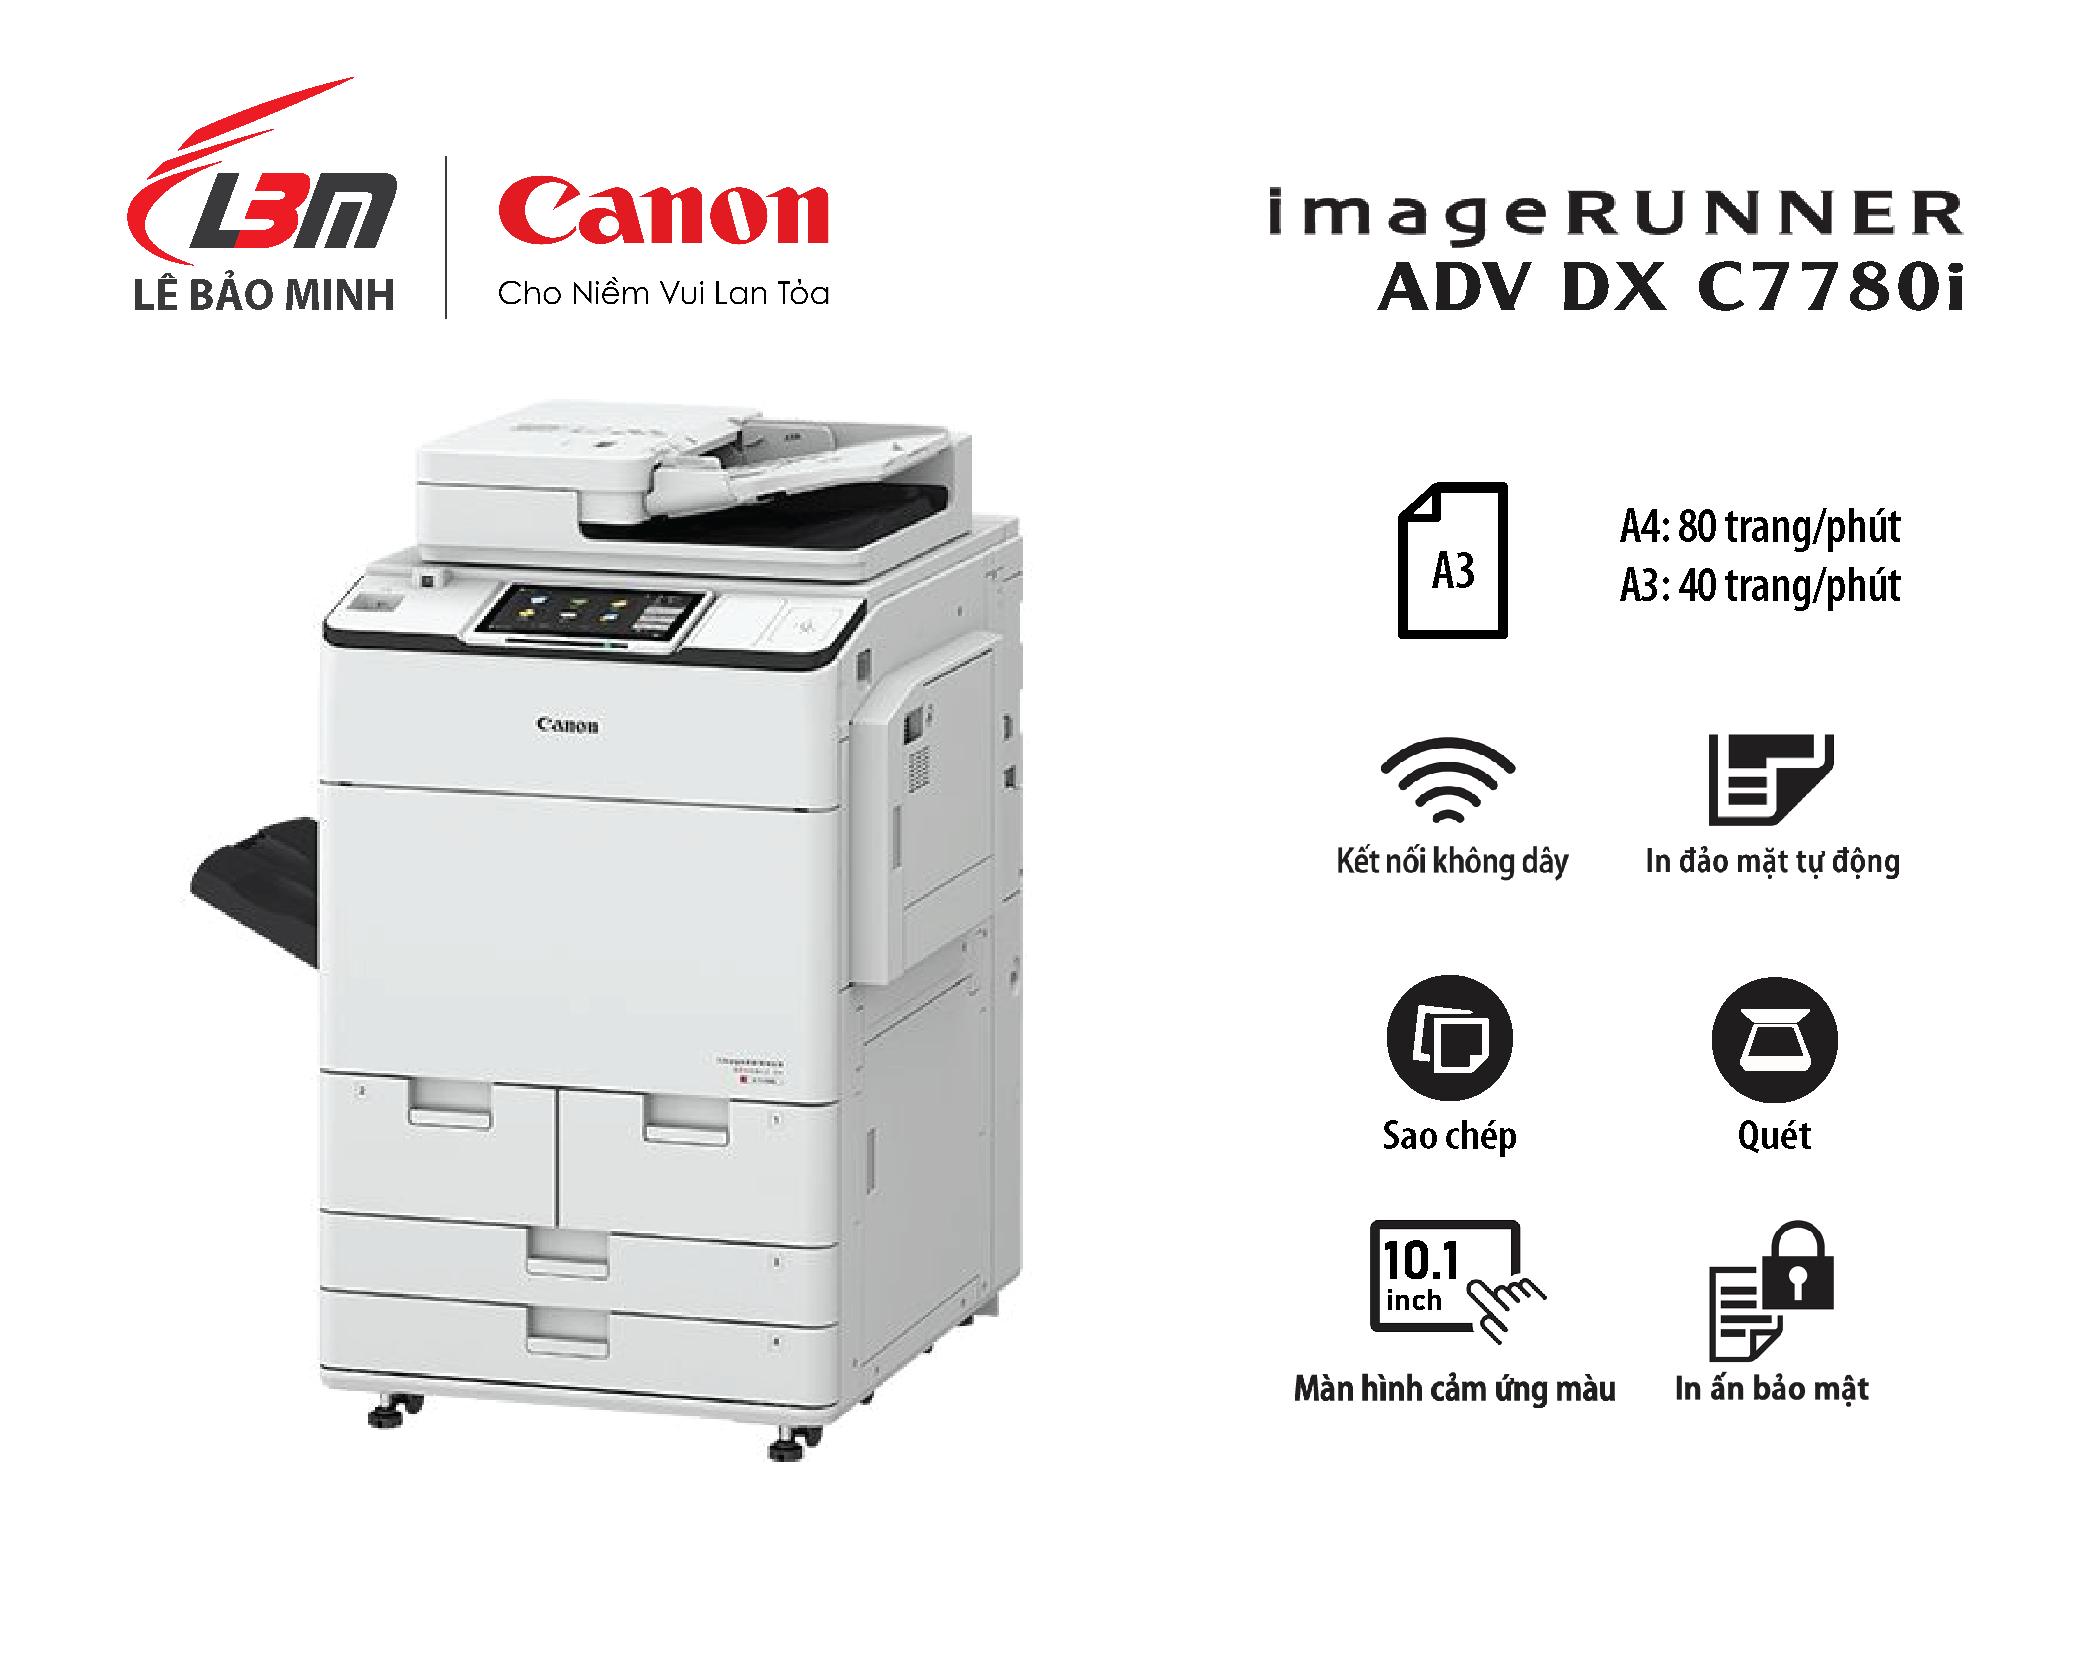 Photocopy iR-ADV DX C7780i